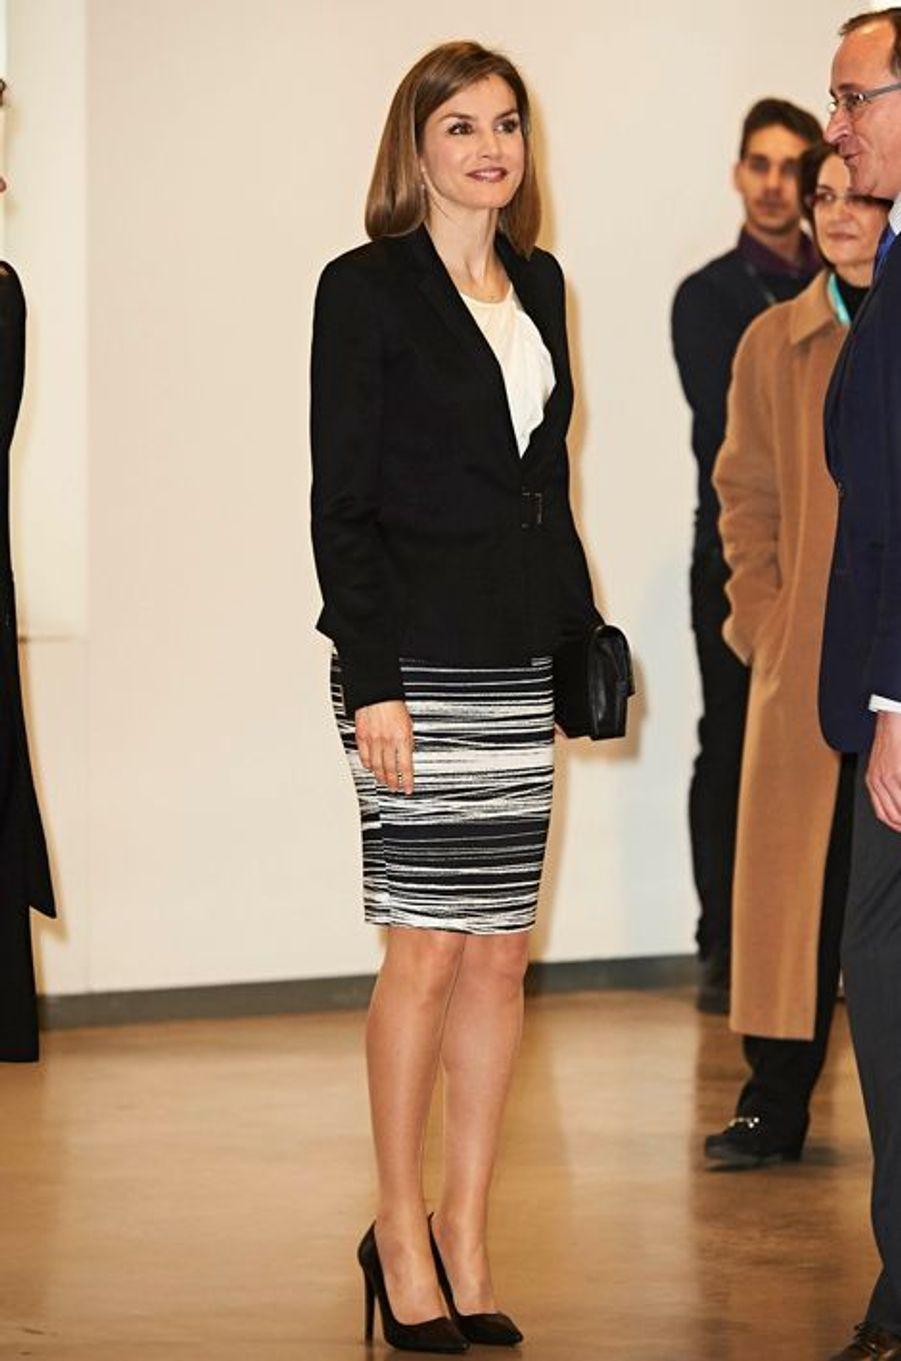 Ce mercredi 3 février, c'est dans un look black & white que la reine Letizia d'Espagne est apparue au centre culturel Espacio Fundación Telefónica à Madrid où se tenait le Ve Forum contre le cancer.Chaque dimanche, le Royal Blog de Paris Match vous propose de voir ou revoir les plus belles photographies de la semaine royale.